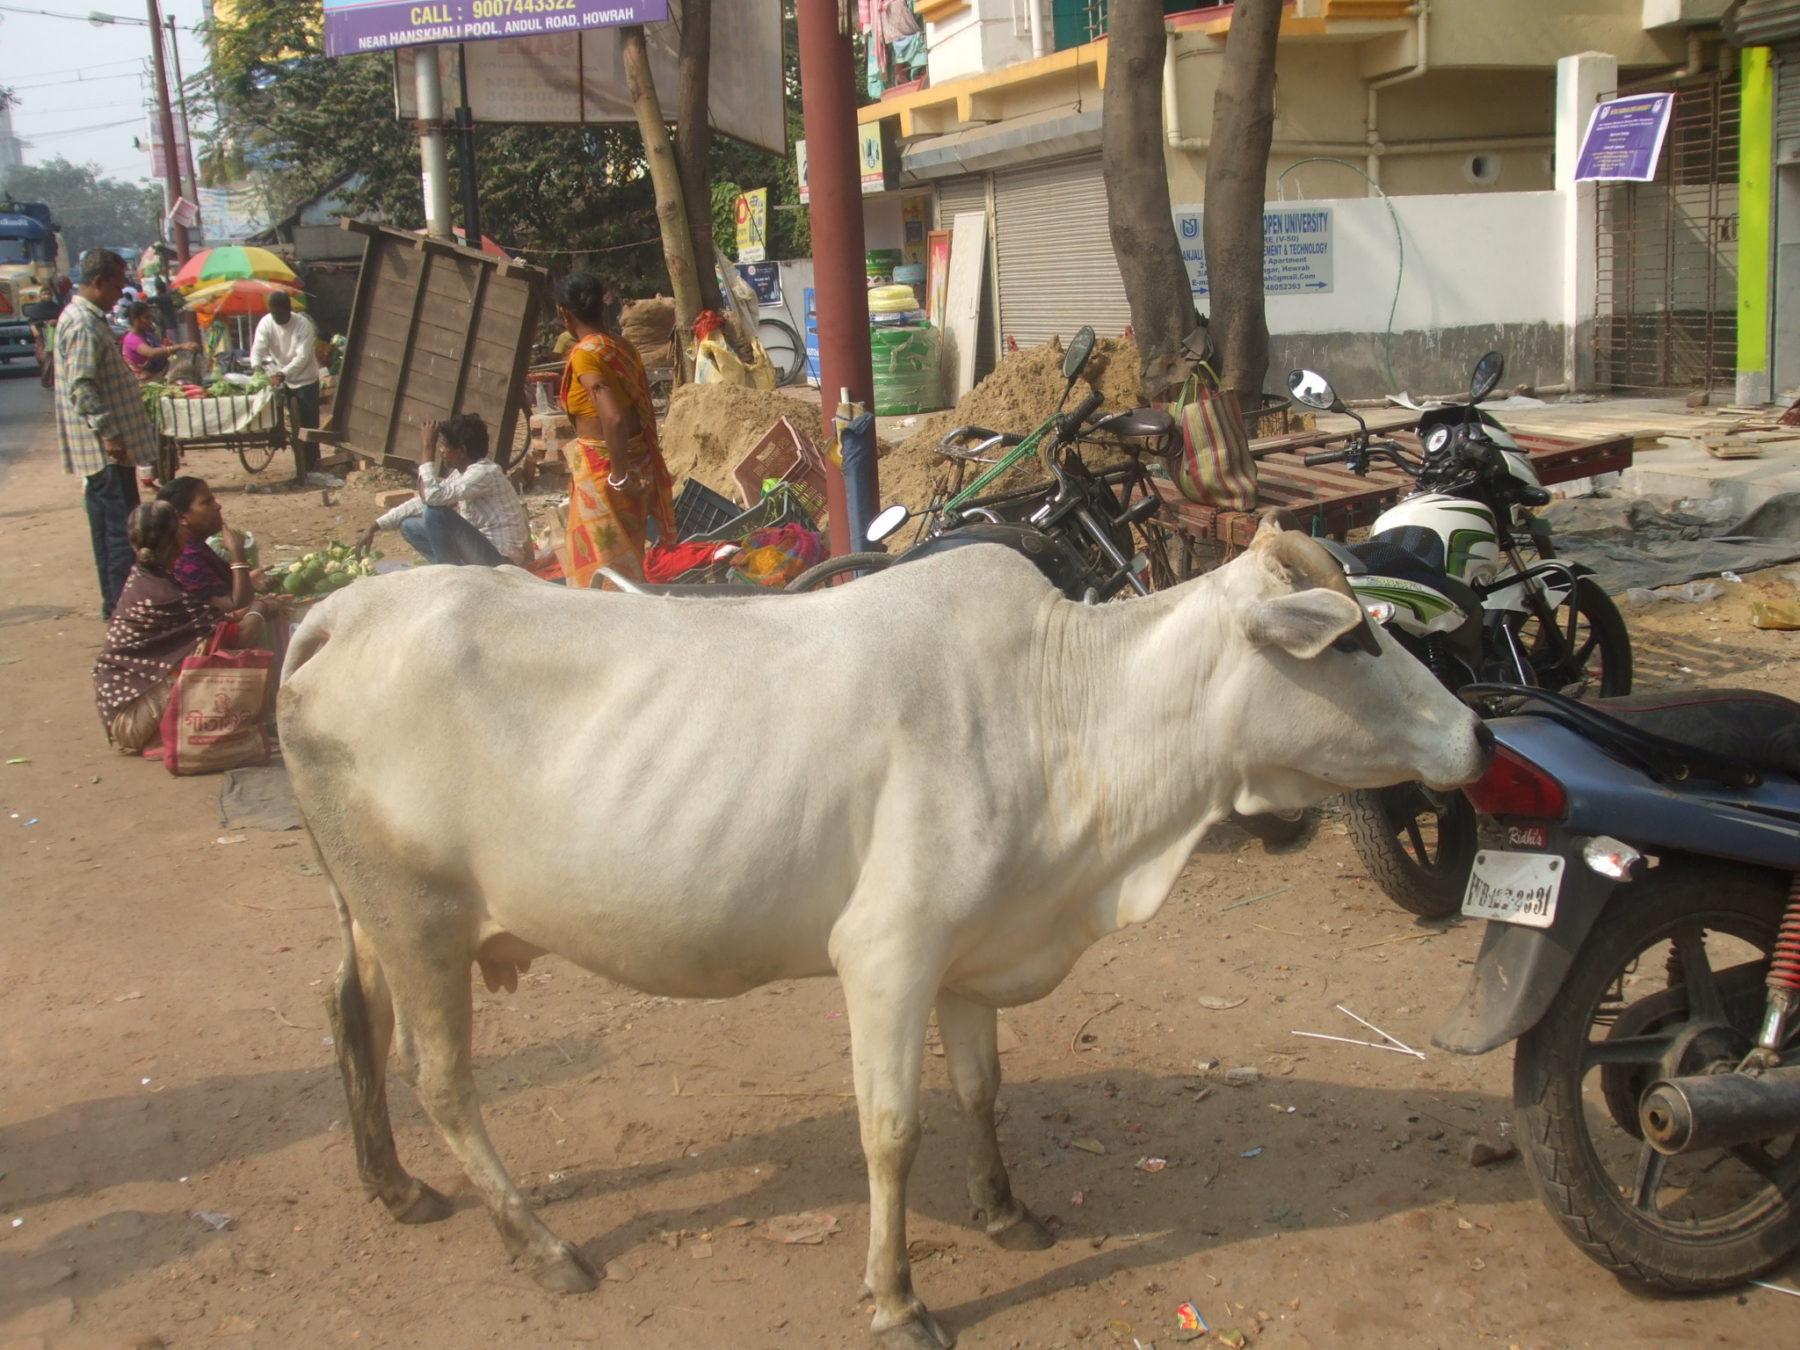 Kuh auf Straße